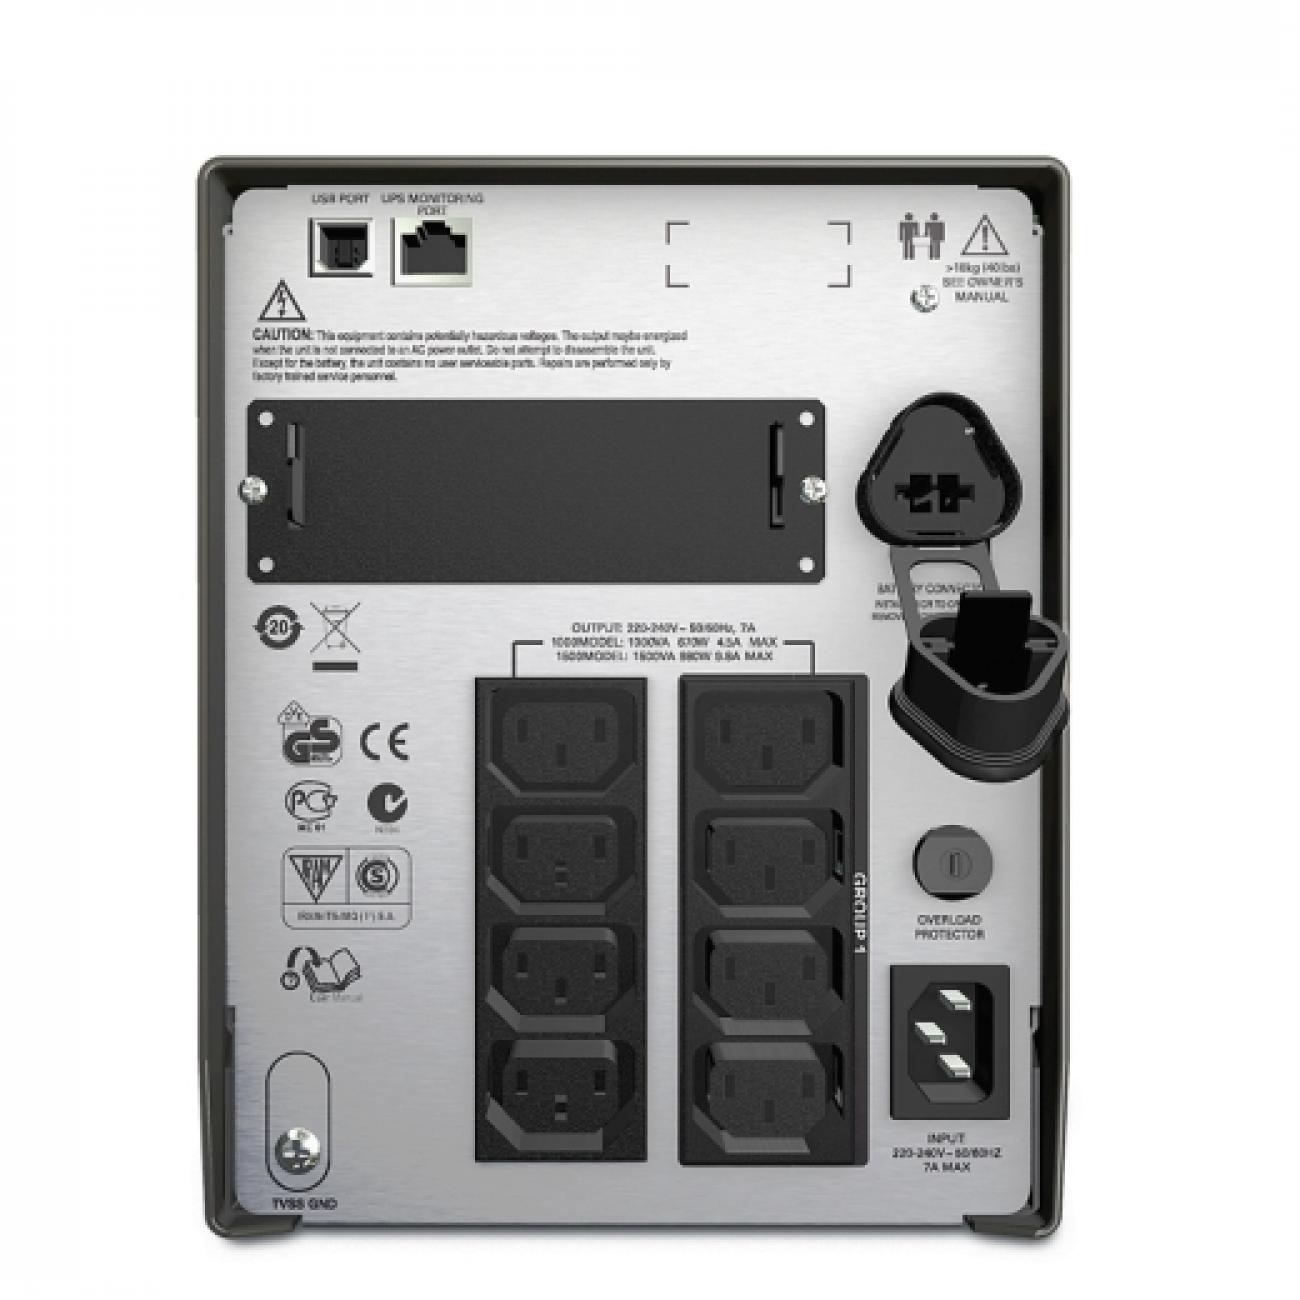 APC Smart-UPS 1500 VA SMT1500I